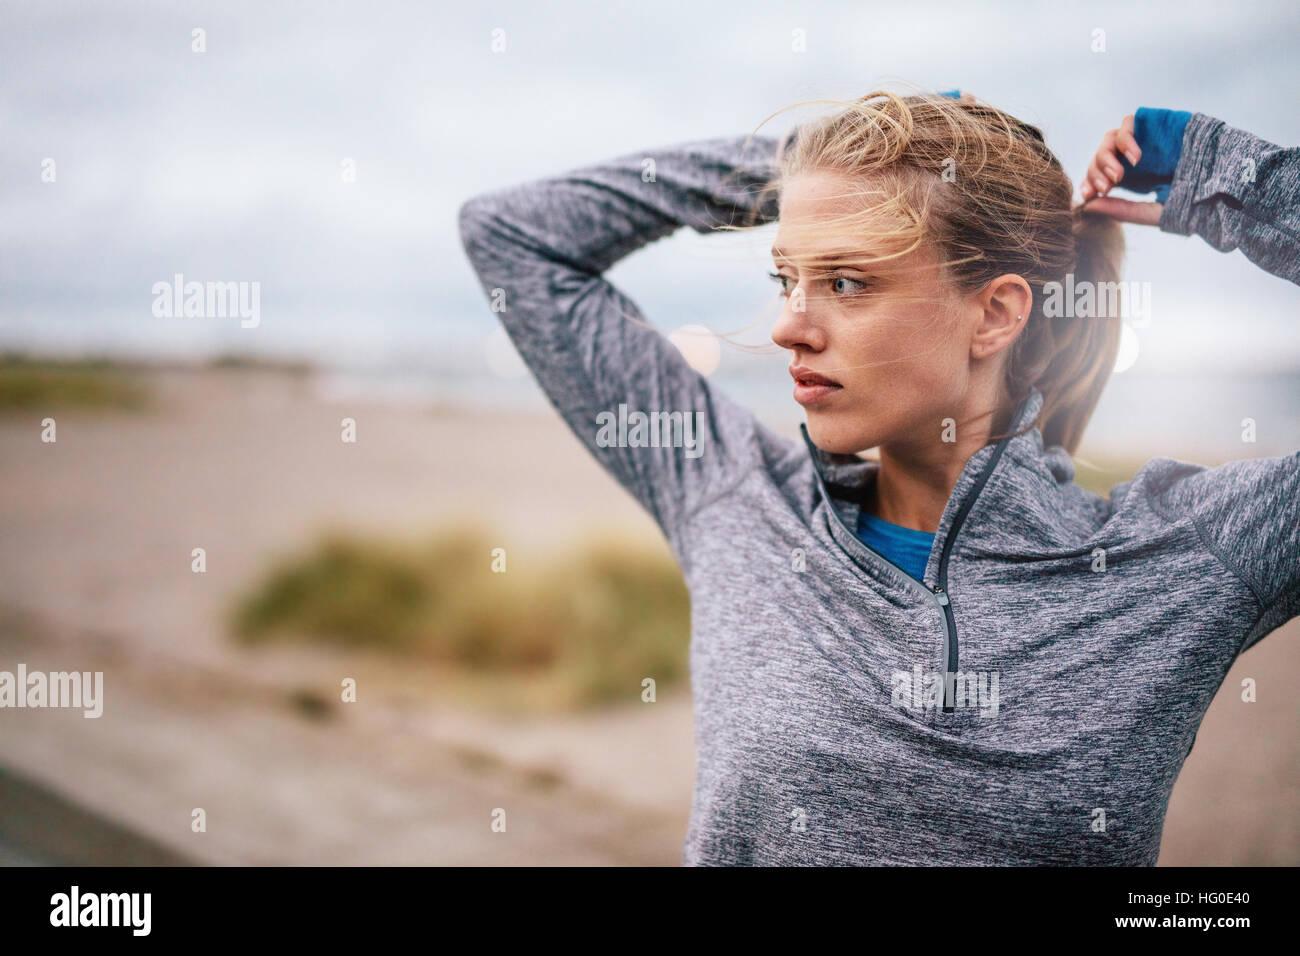 Cerca de jóvenes corredoras atar cabello antes de una carrera. Gimnasio deportivo mujer en busca de ejercicios Imagen De Stock